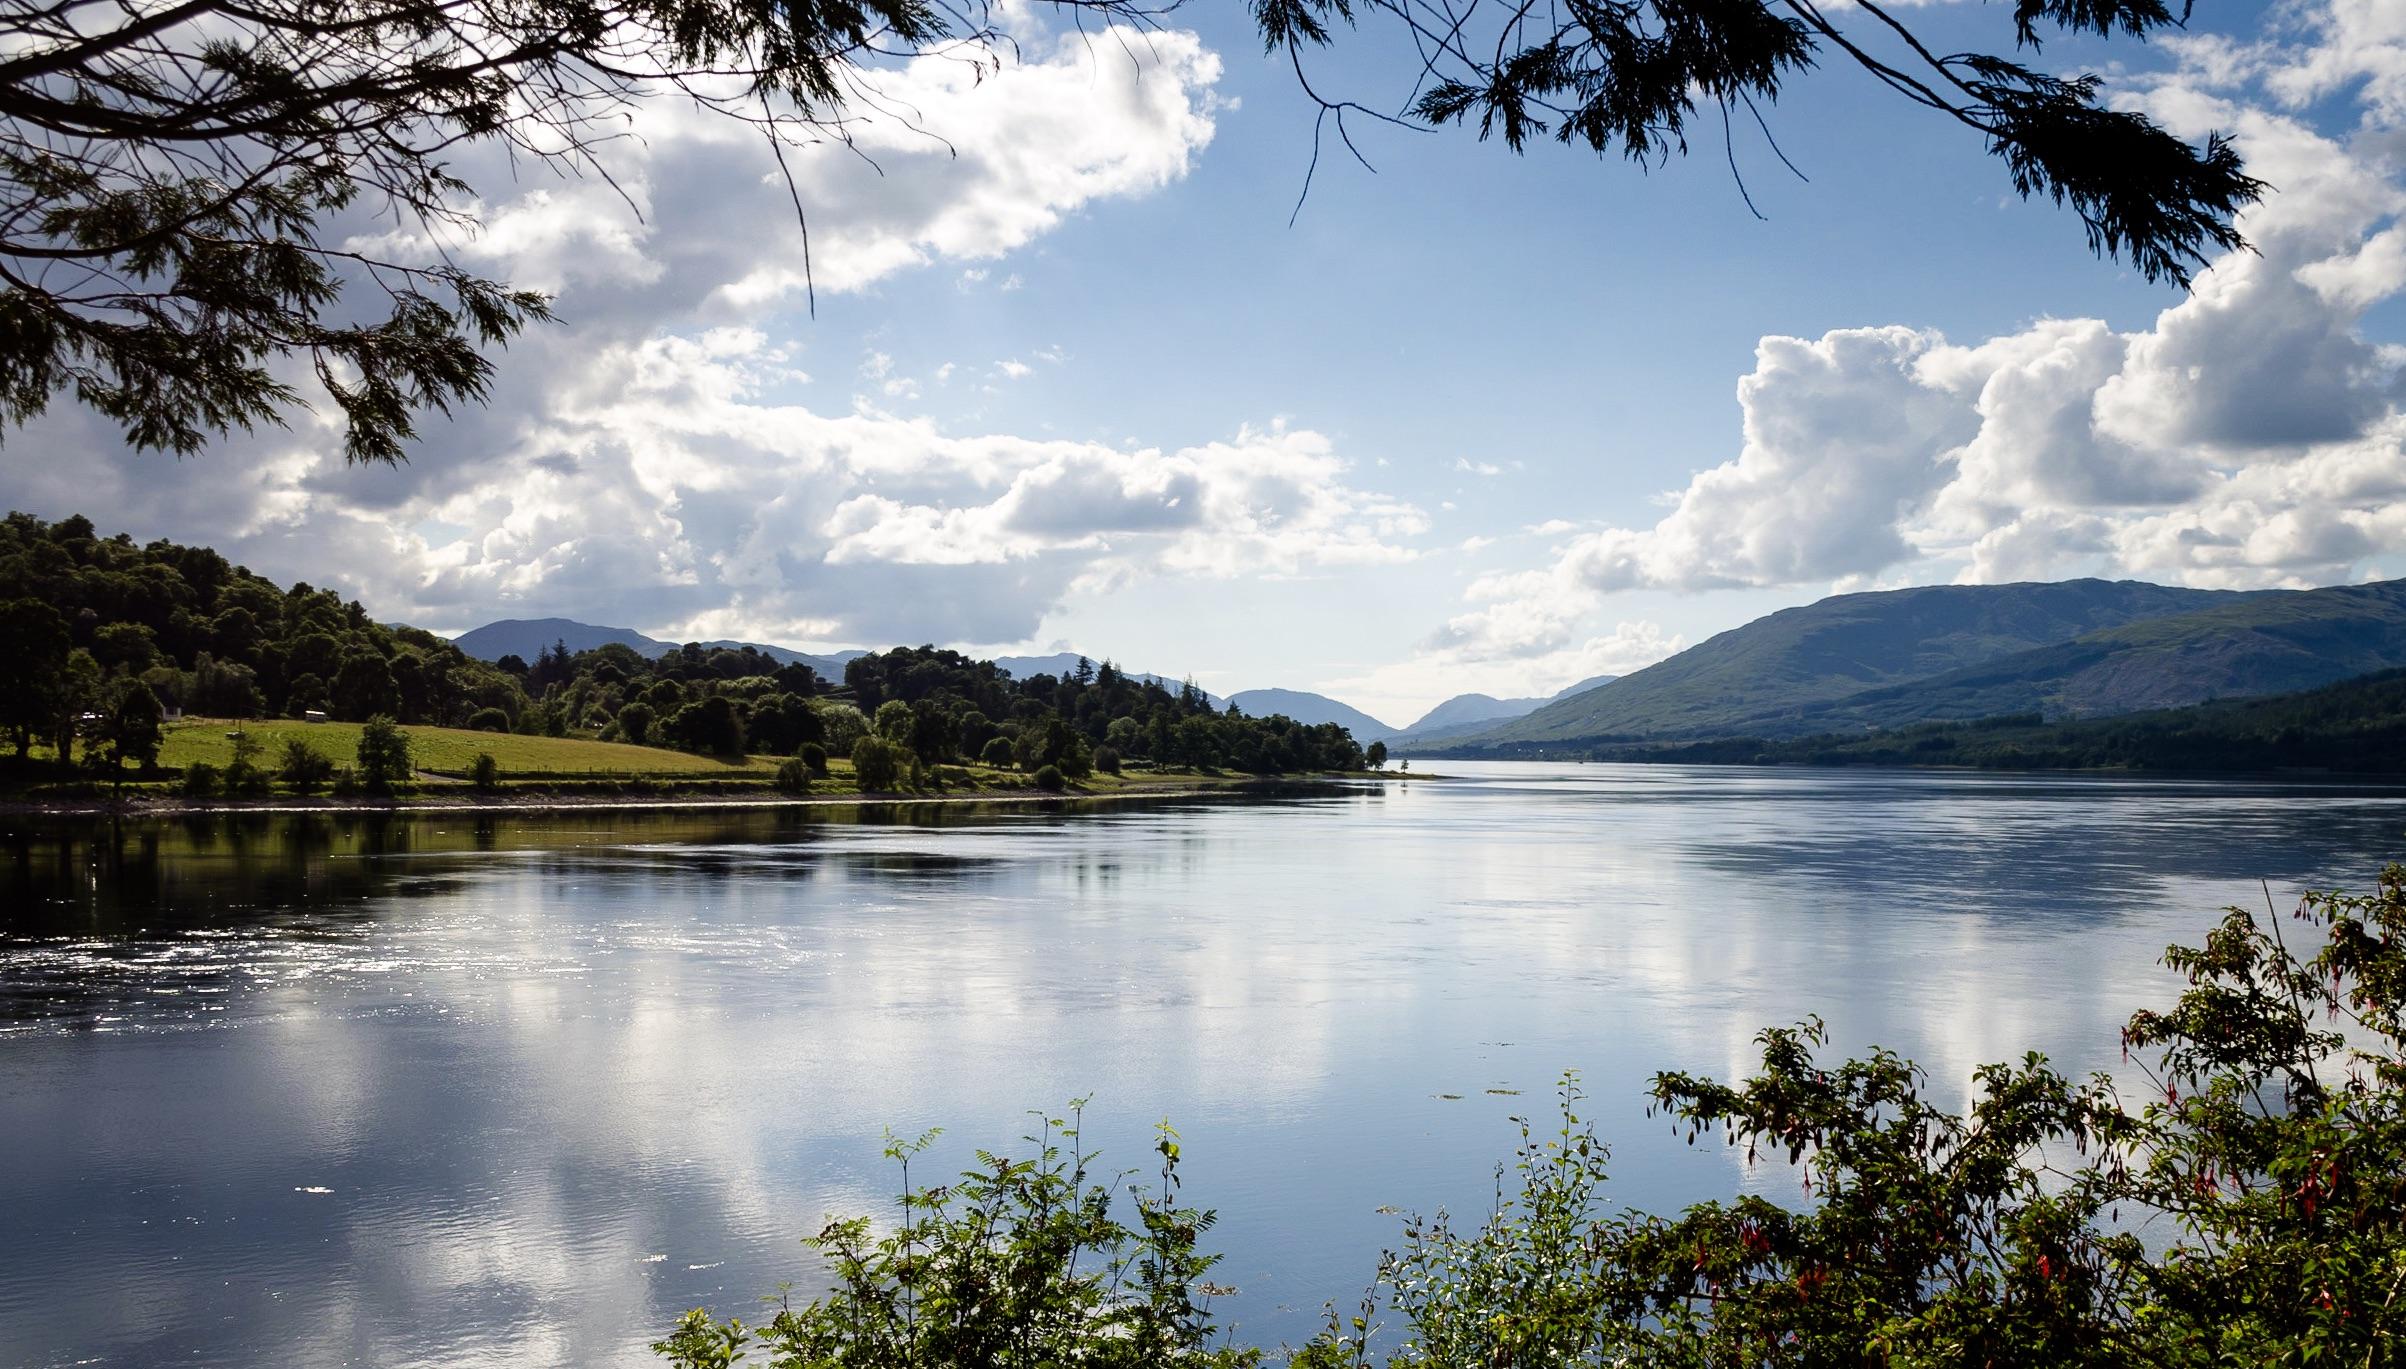 Loch Eil Picture Postcard